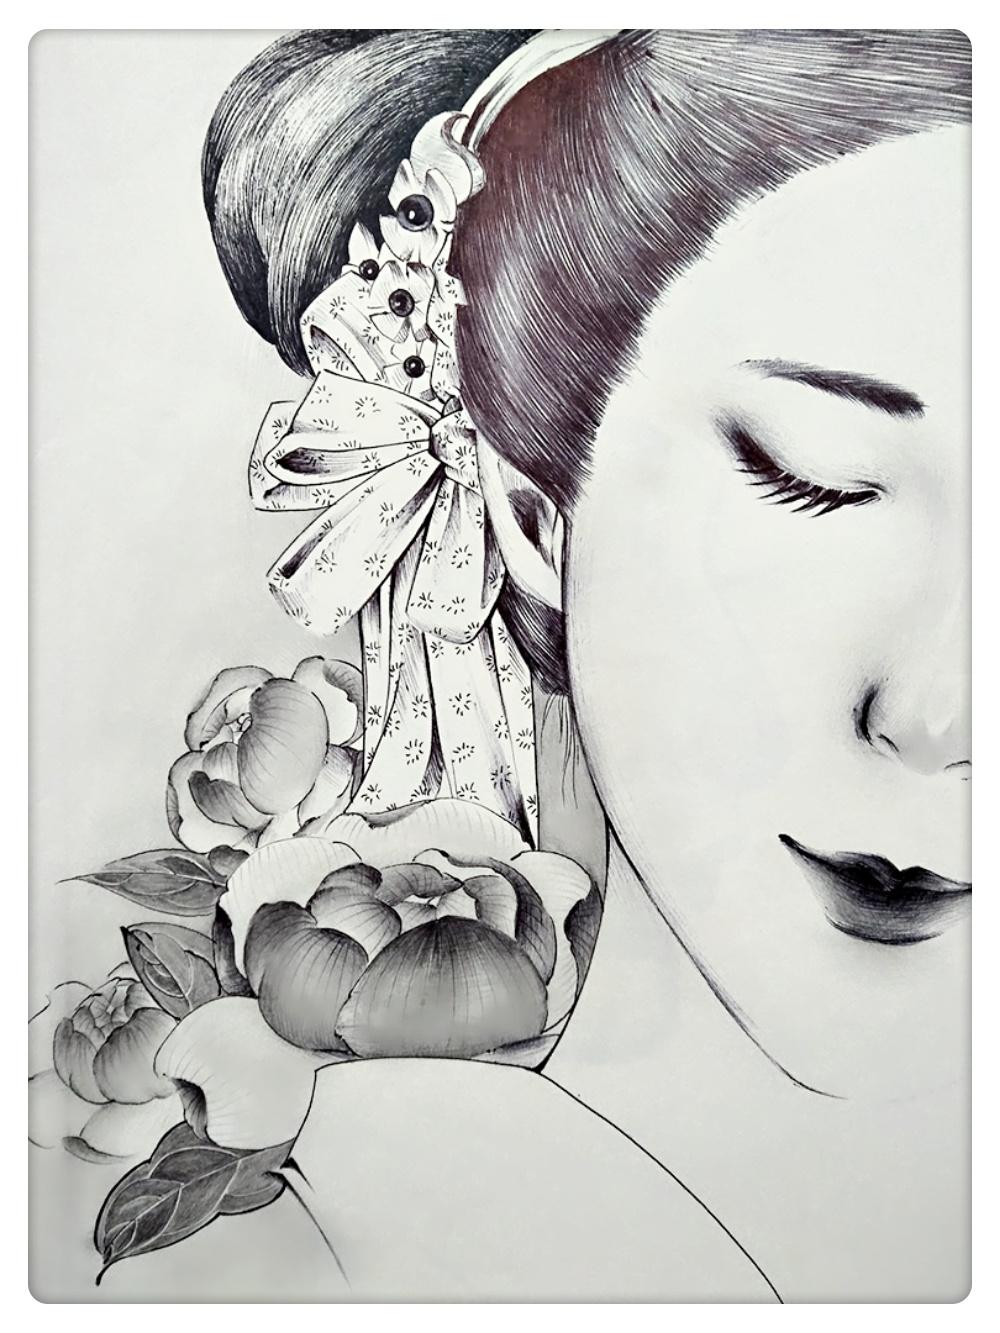 黑白线描人物插画